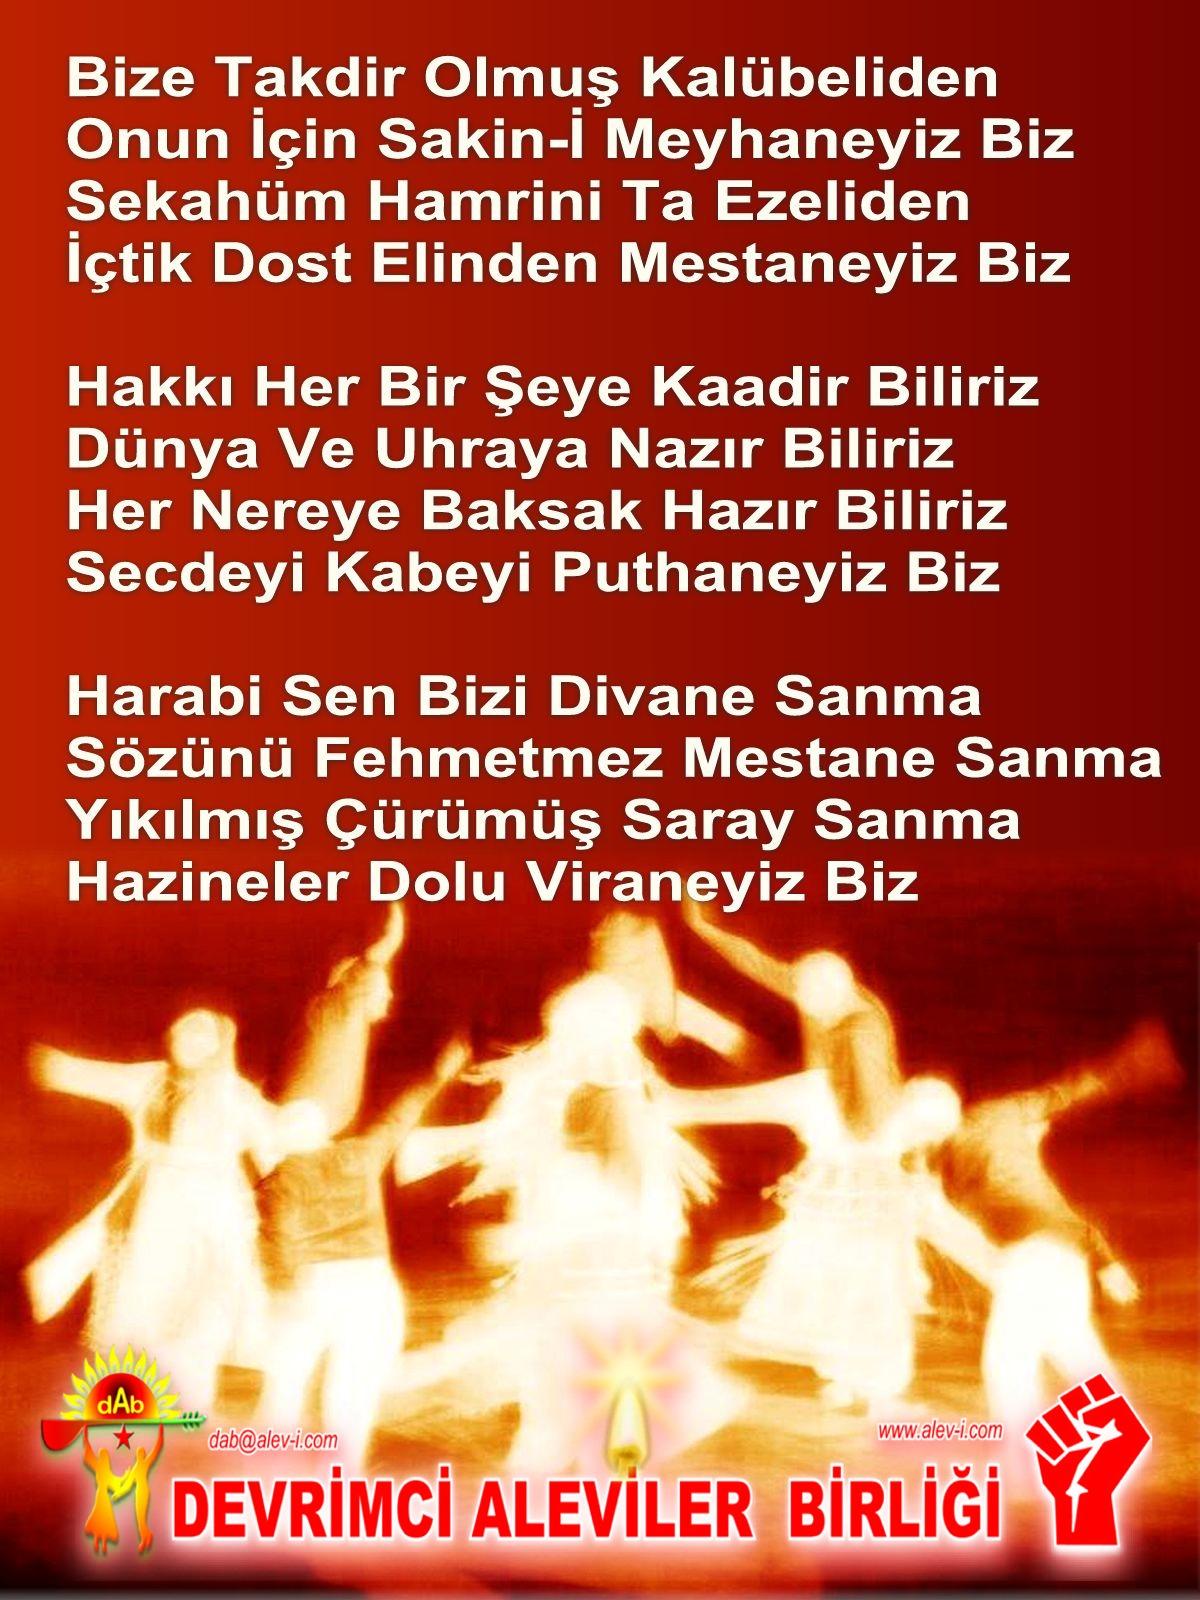 Alevi Bektaşi Kızılbaş Pir Sultan Devrimci Aleviler Birliği DAB Harabi